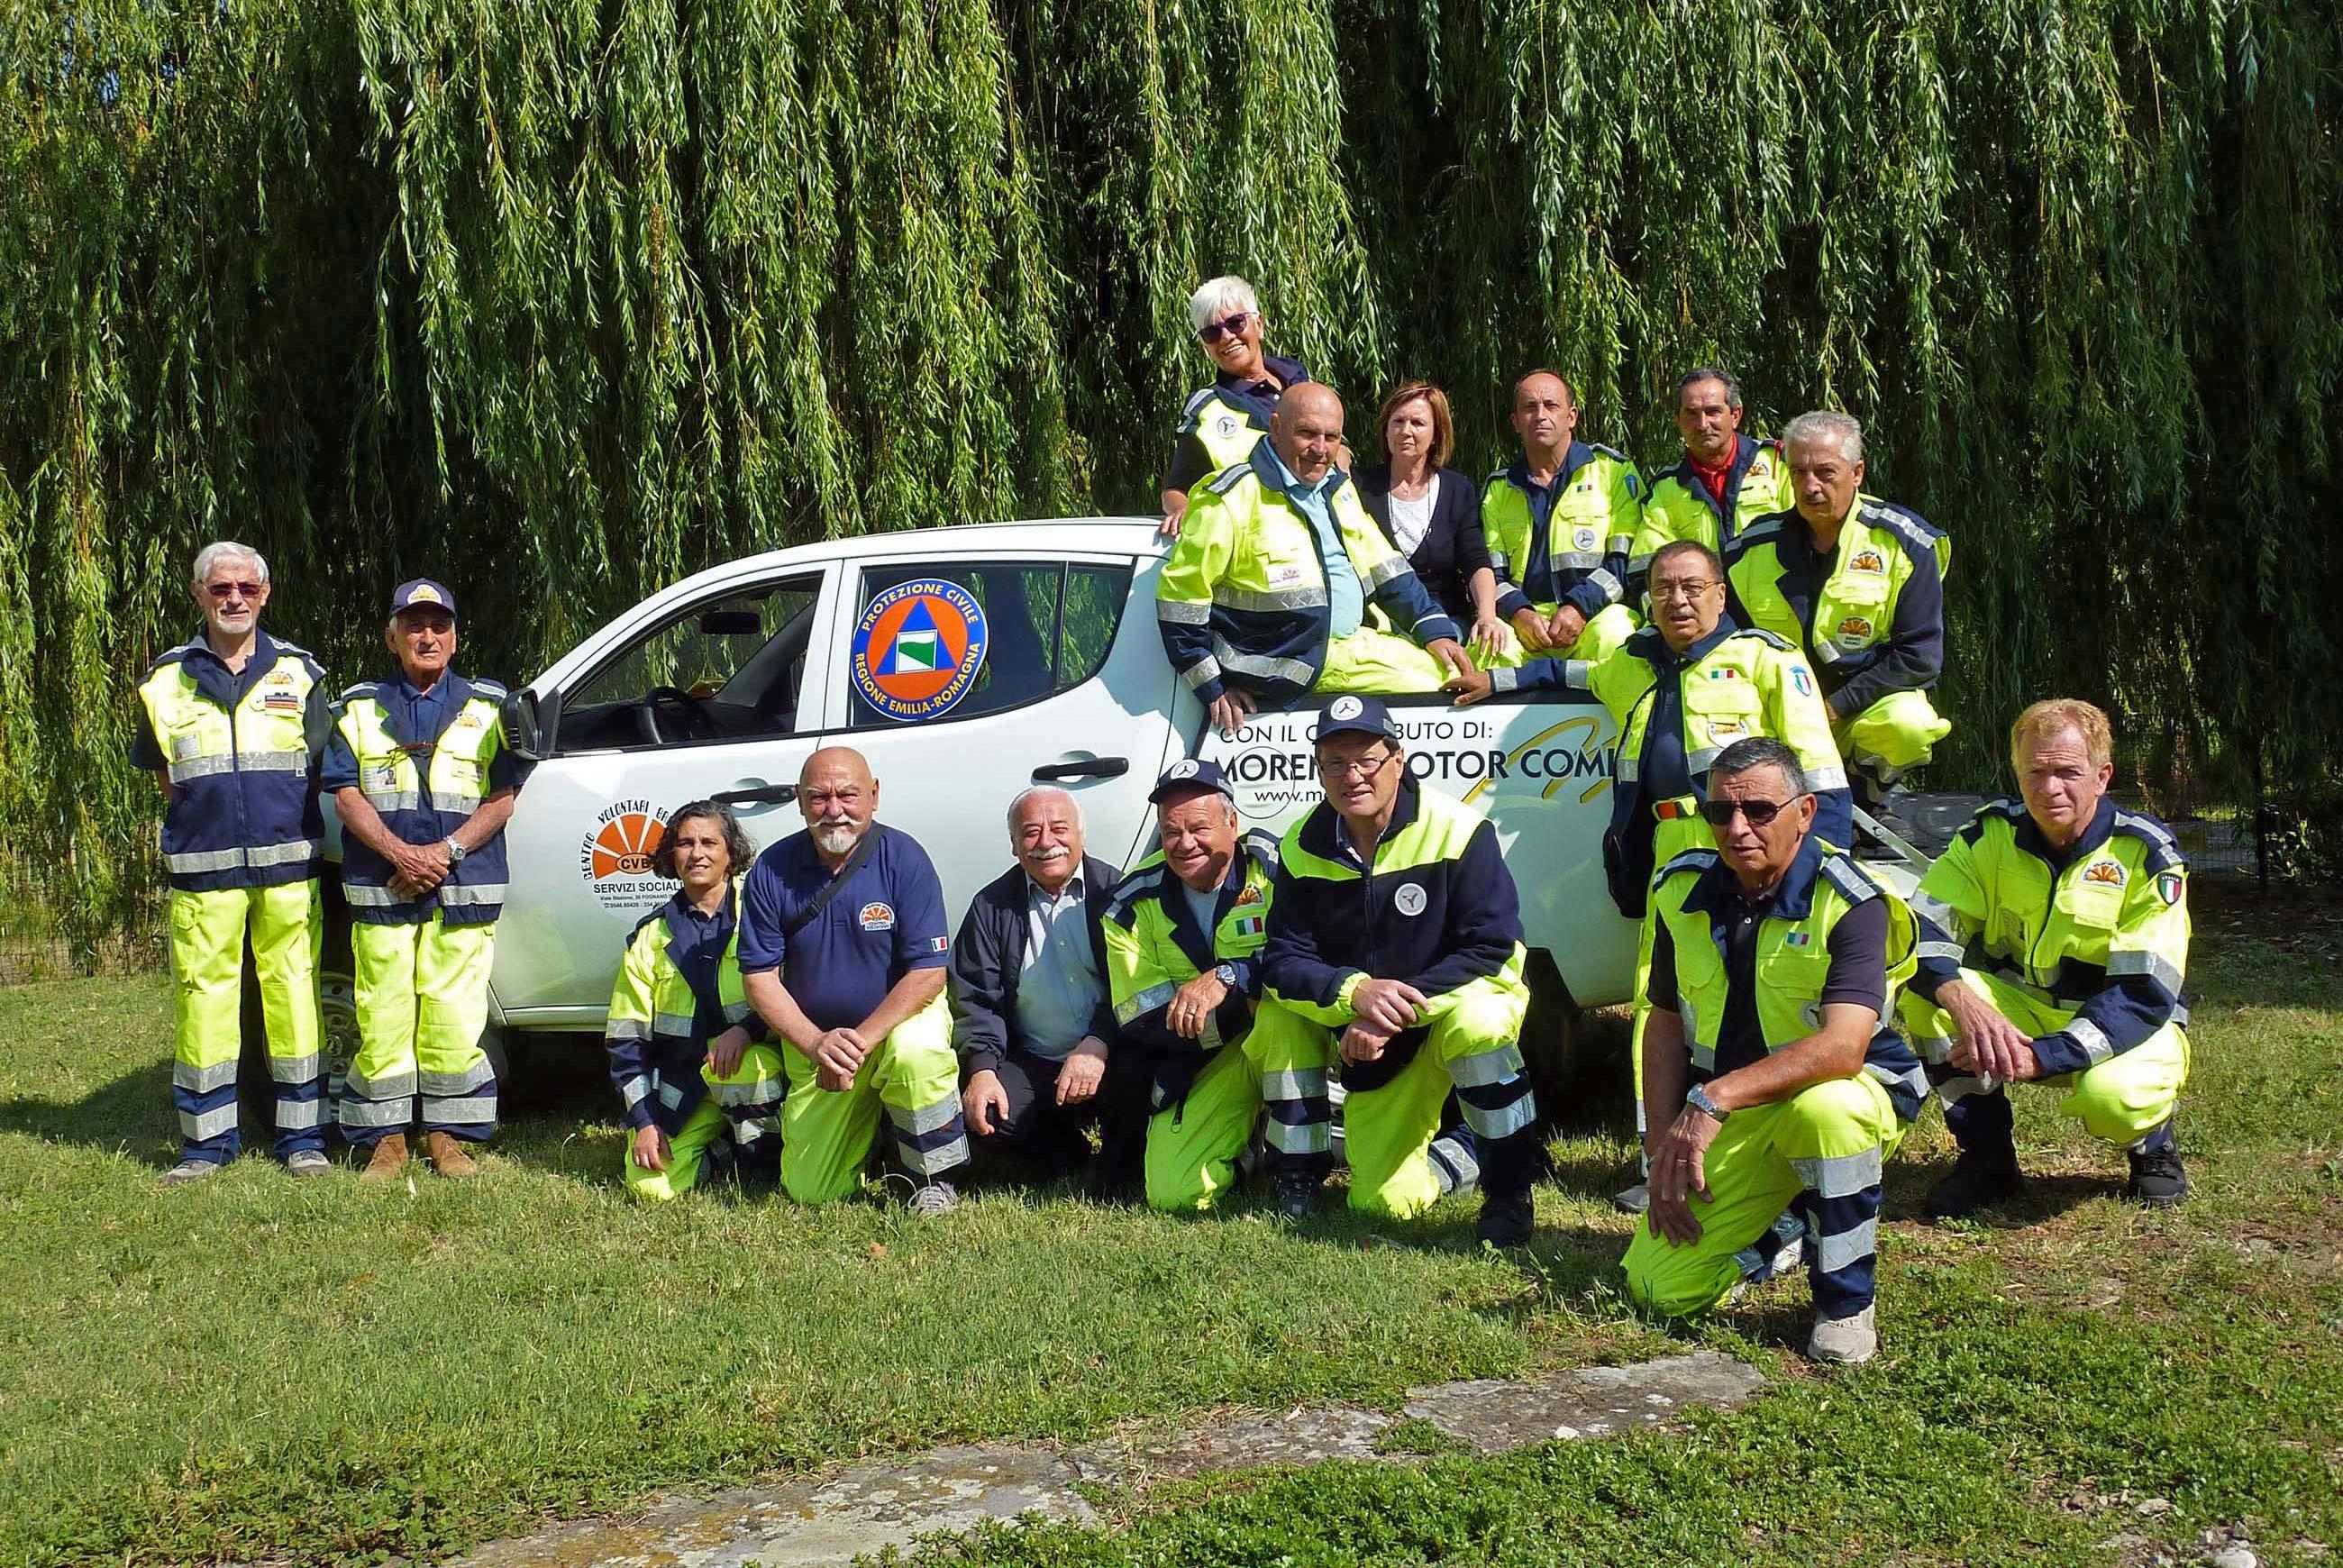 Centro-Volontari-Brisighella-foto-di-gruppo_cut